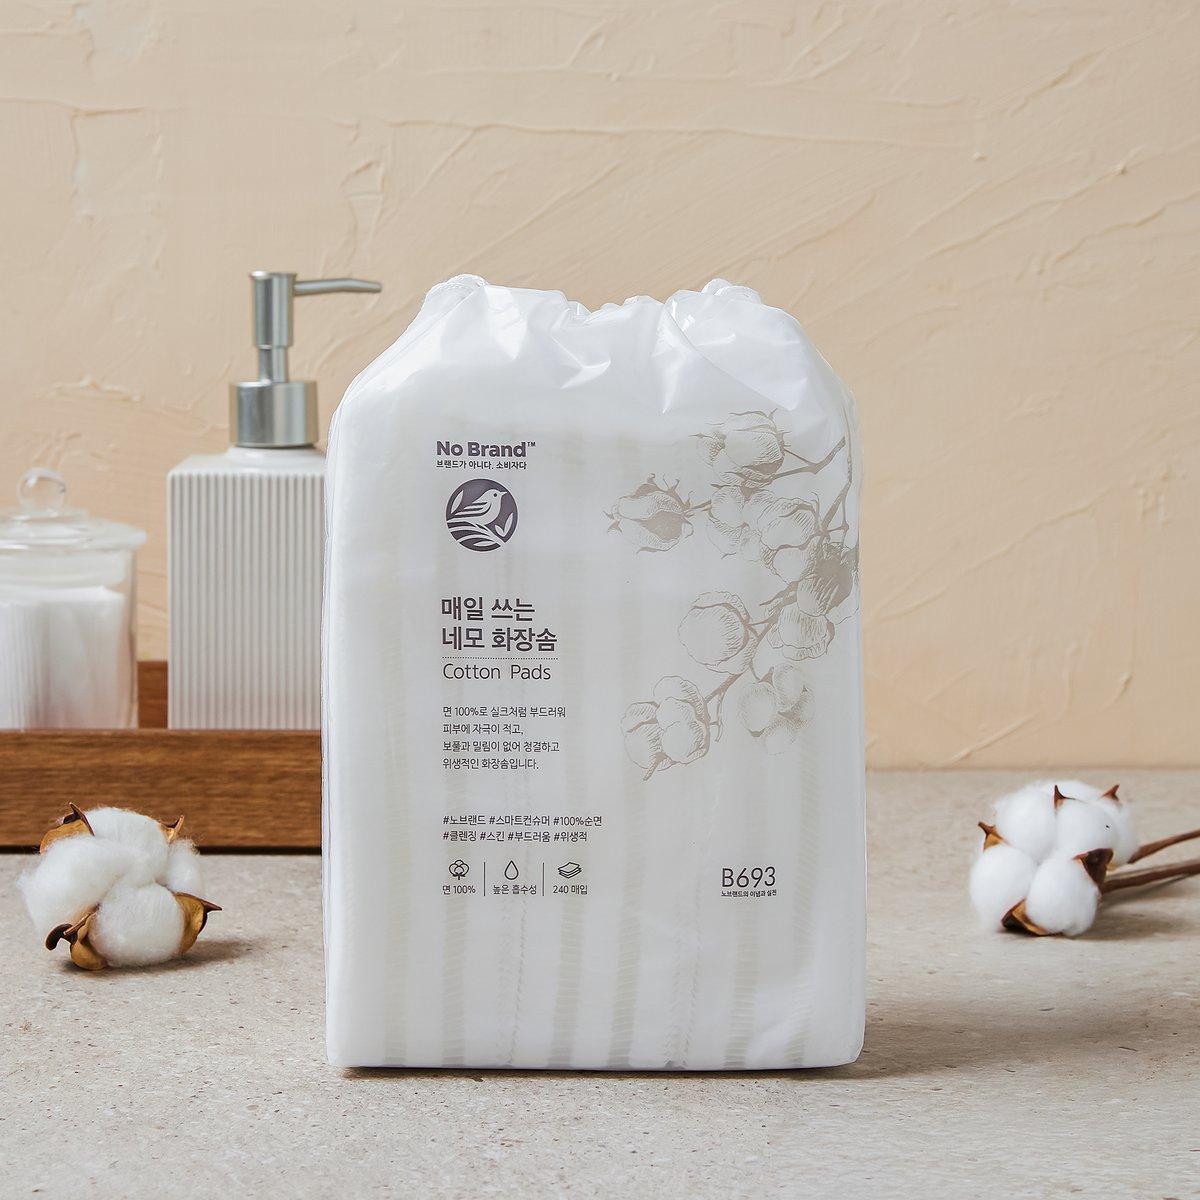 Bông Tẩy Trang Cotton No Brand 240 Miếng Chất Bông Mềm Mại Cho Làn Da Không Xù Lông Tiện Dụng Tiết Kiệm - Hàng Chính Hãng Emart VN